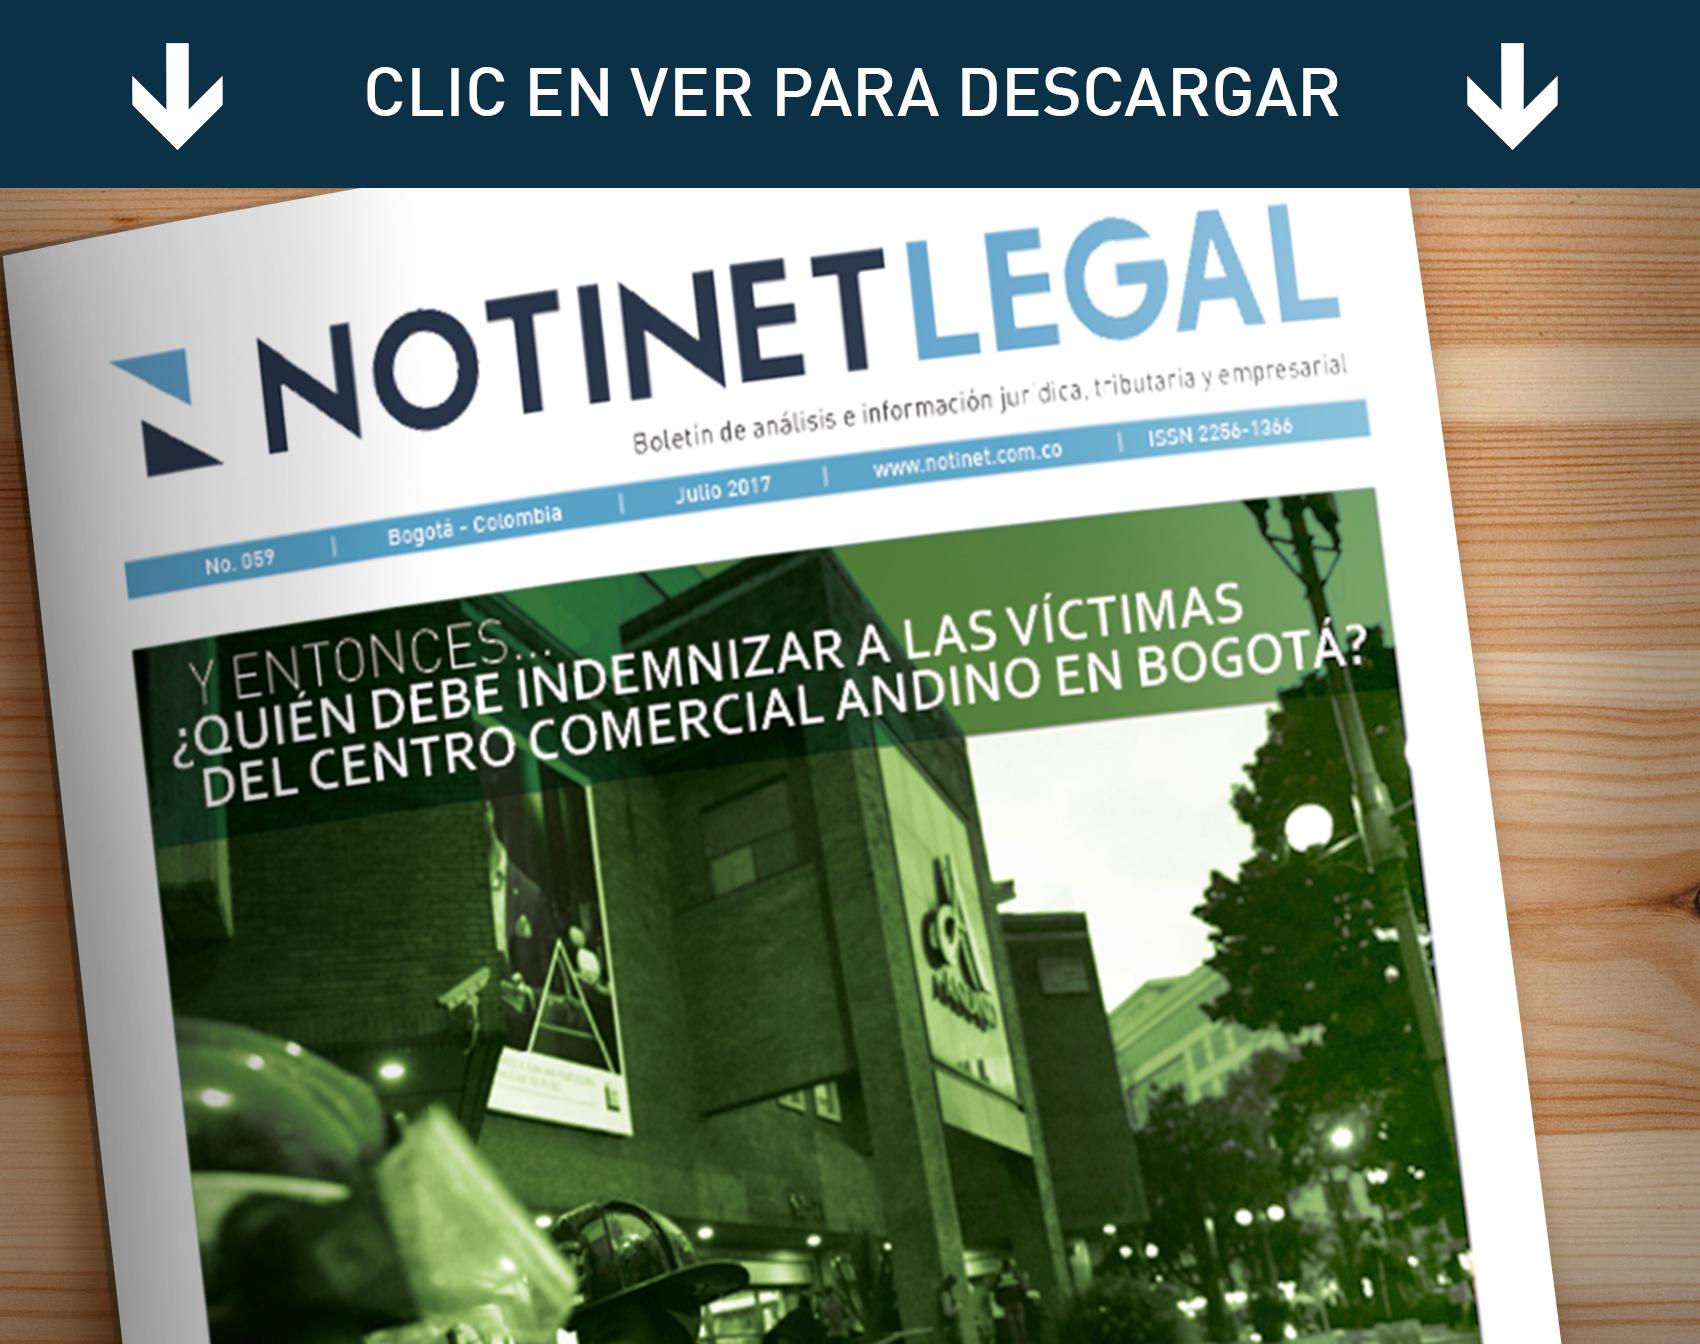 Notinet - Información Jurídica y Jurisprudencial en Colombia